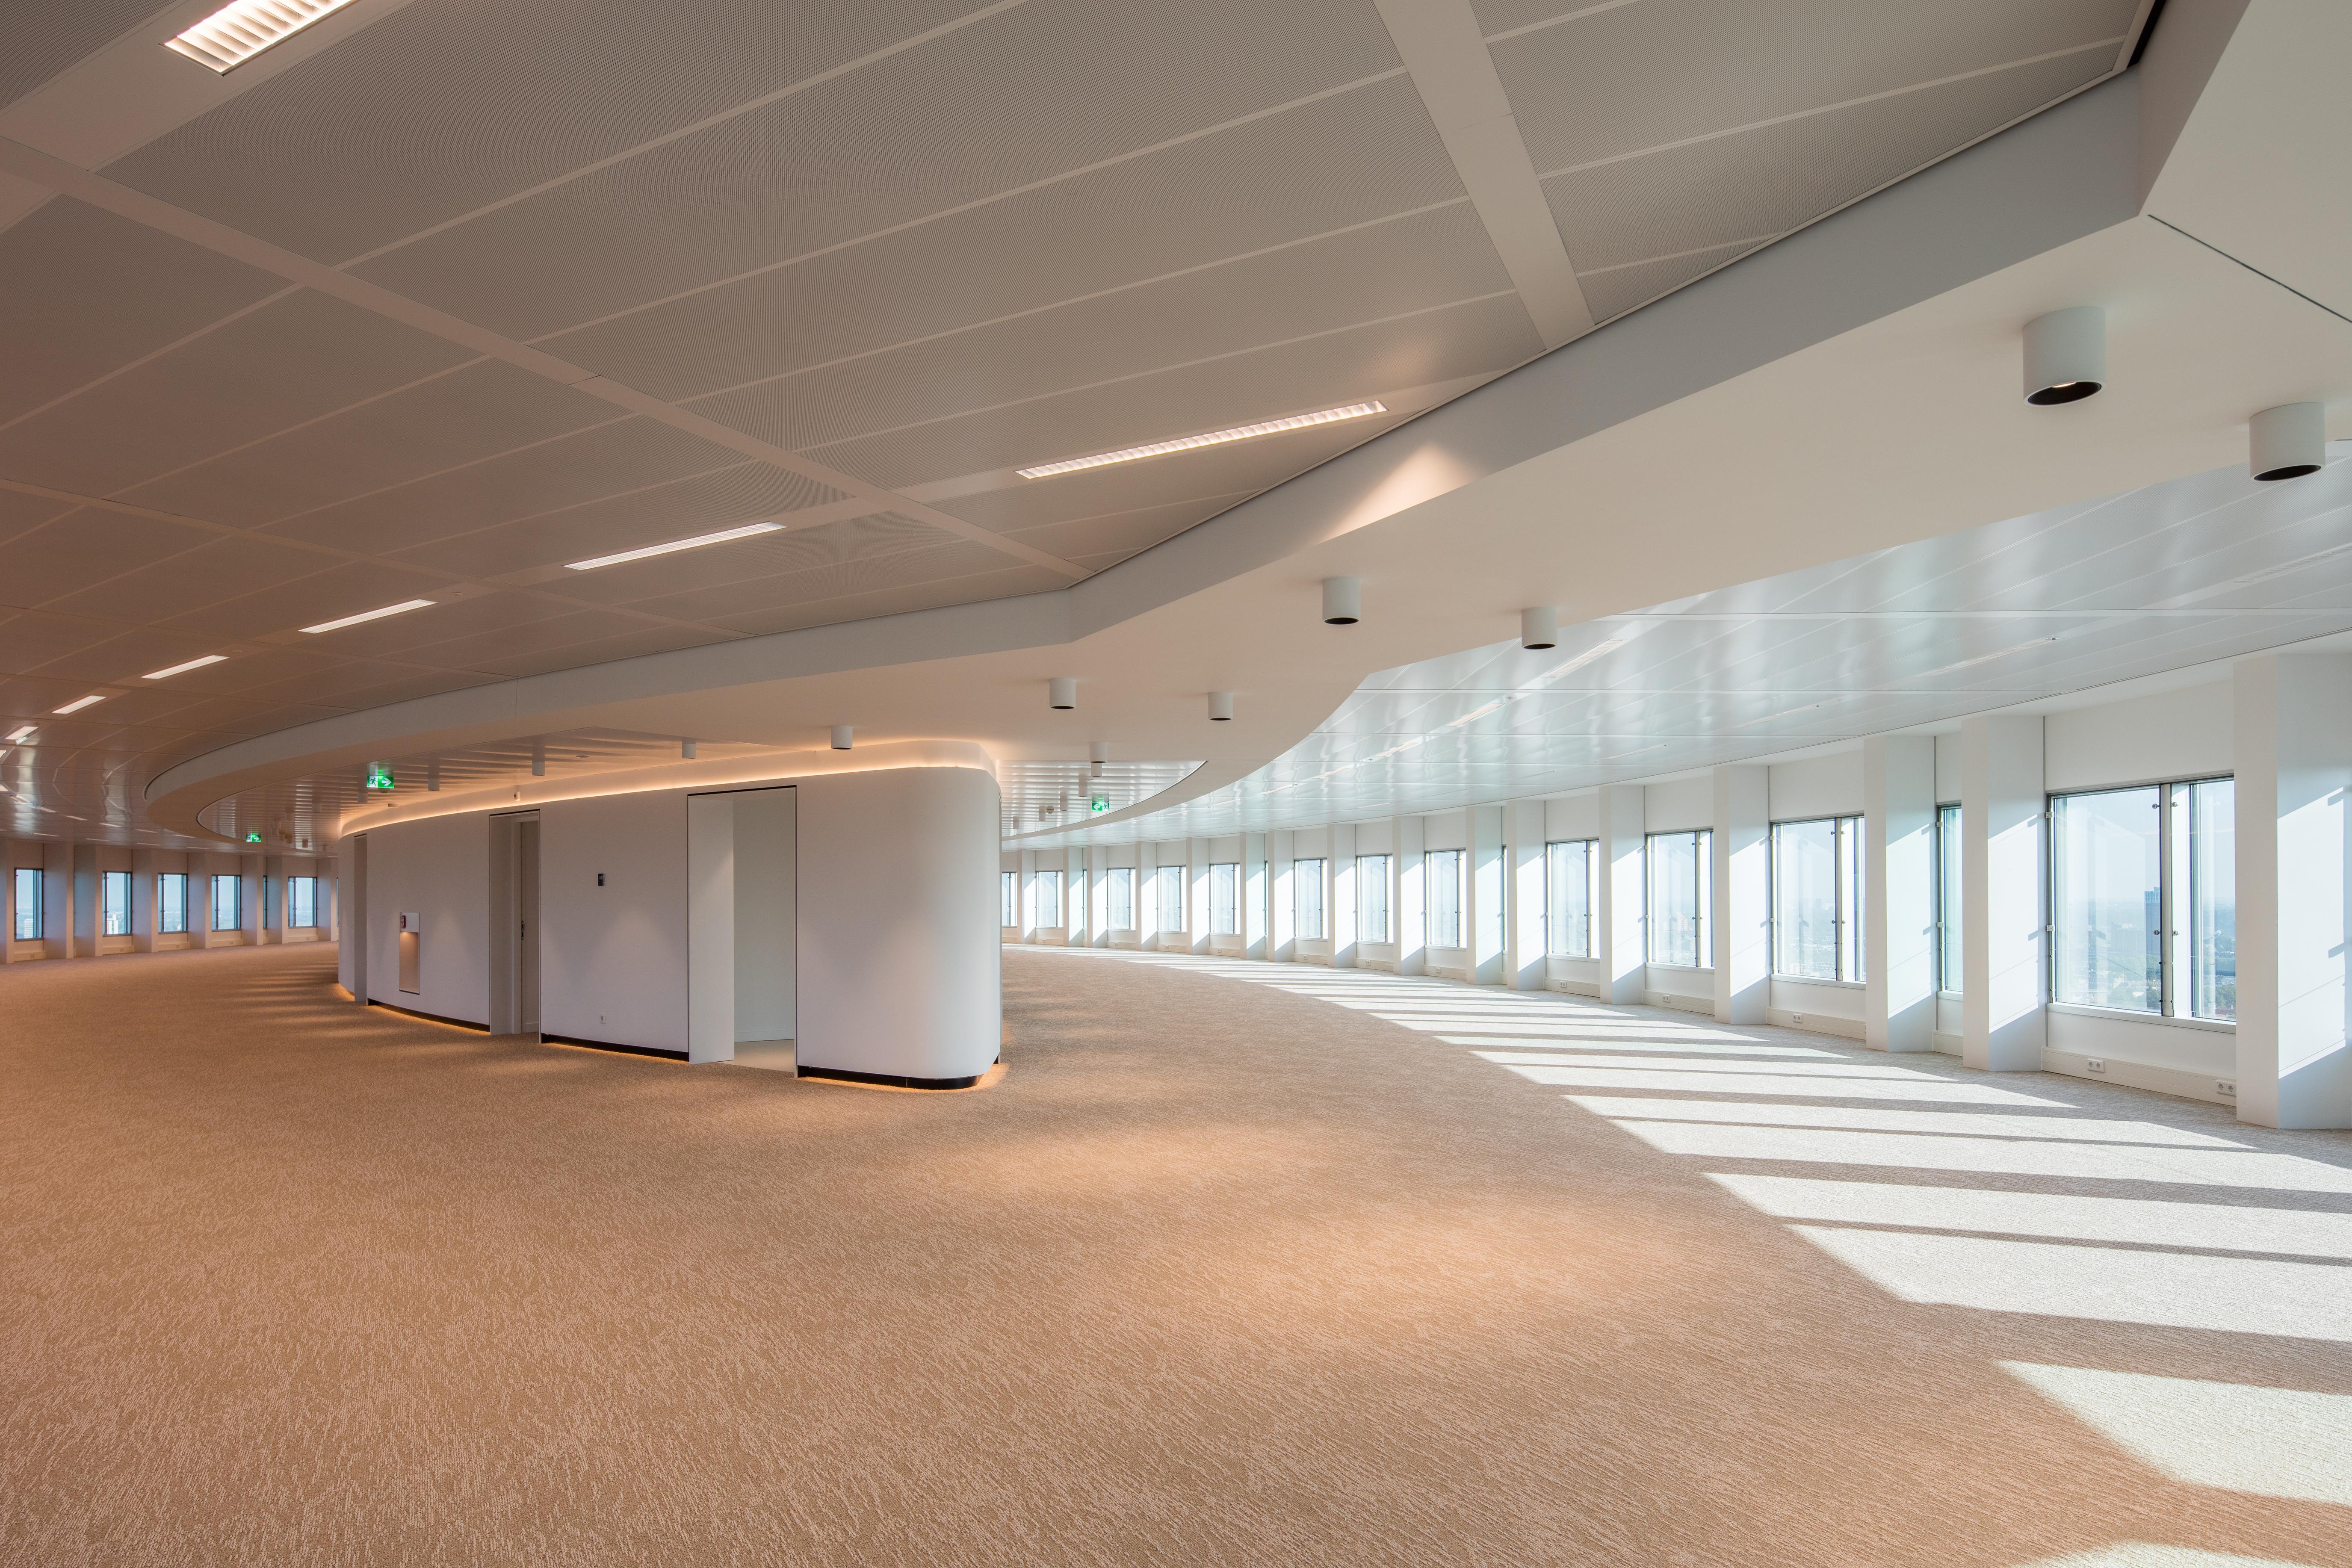 Gerenoveerde kantoorruimte in de hoogbouw van WTC Rotterdam met klimaatplafonds